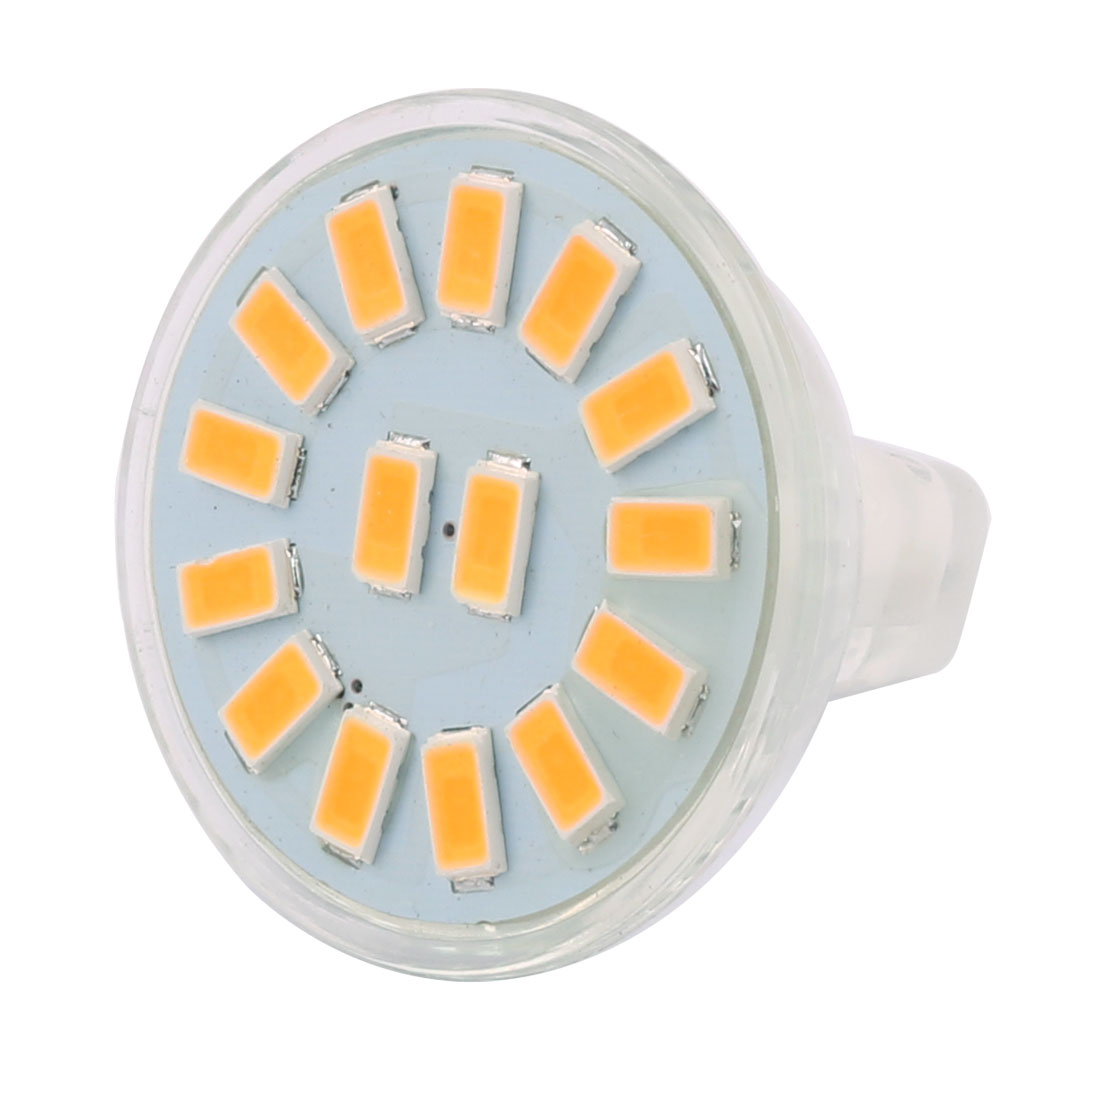 12-30V 5W MR11 5730 SMD 15 LEDs LED Bulb Light Spotlight Lamp Lighting Warm White